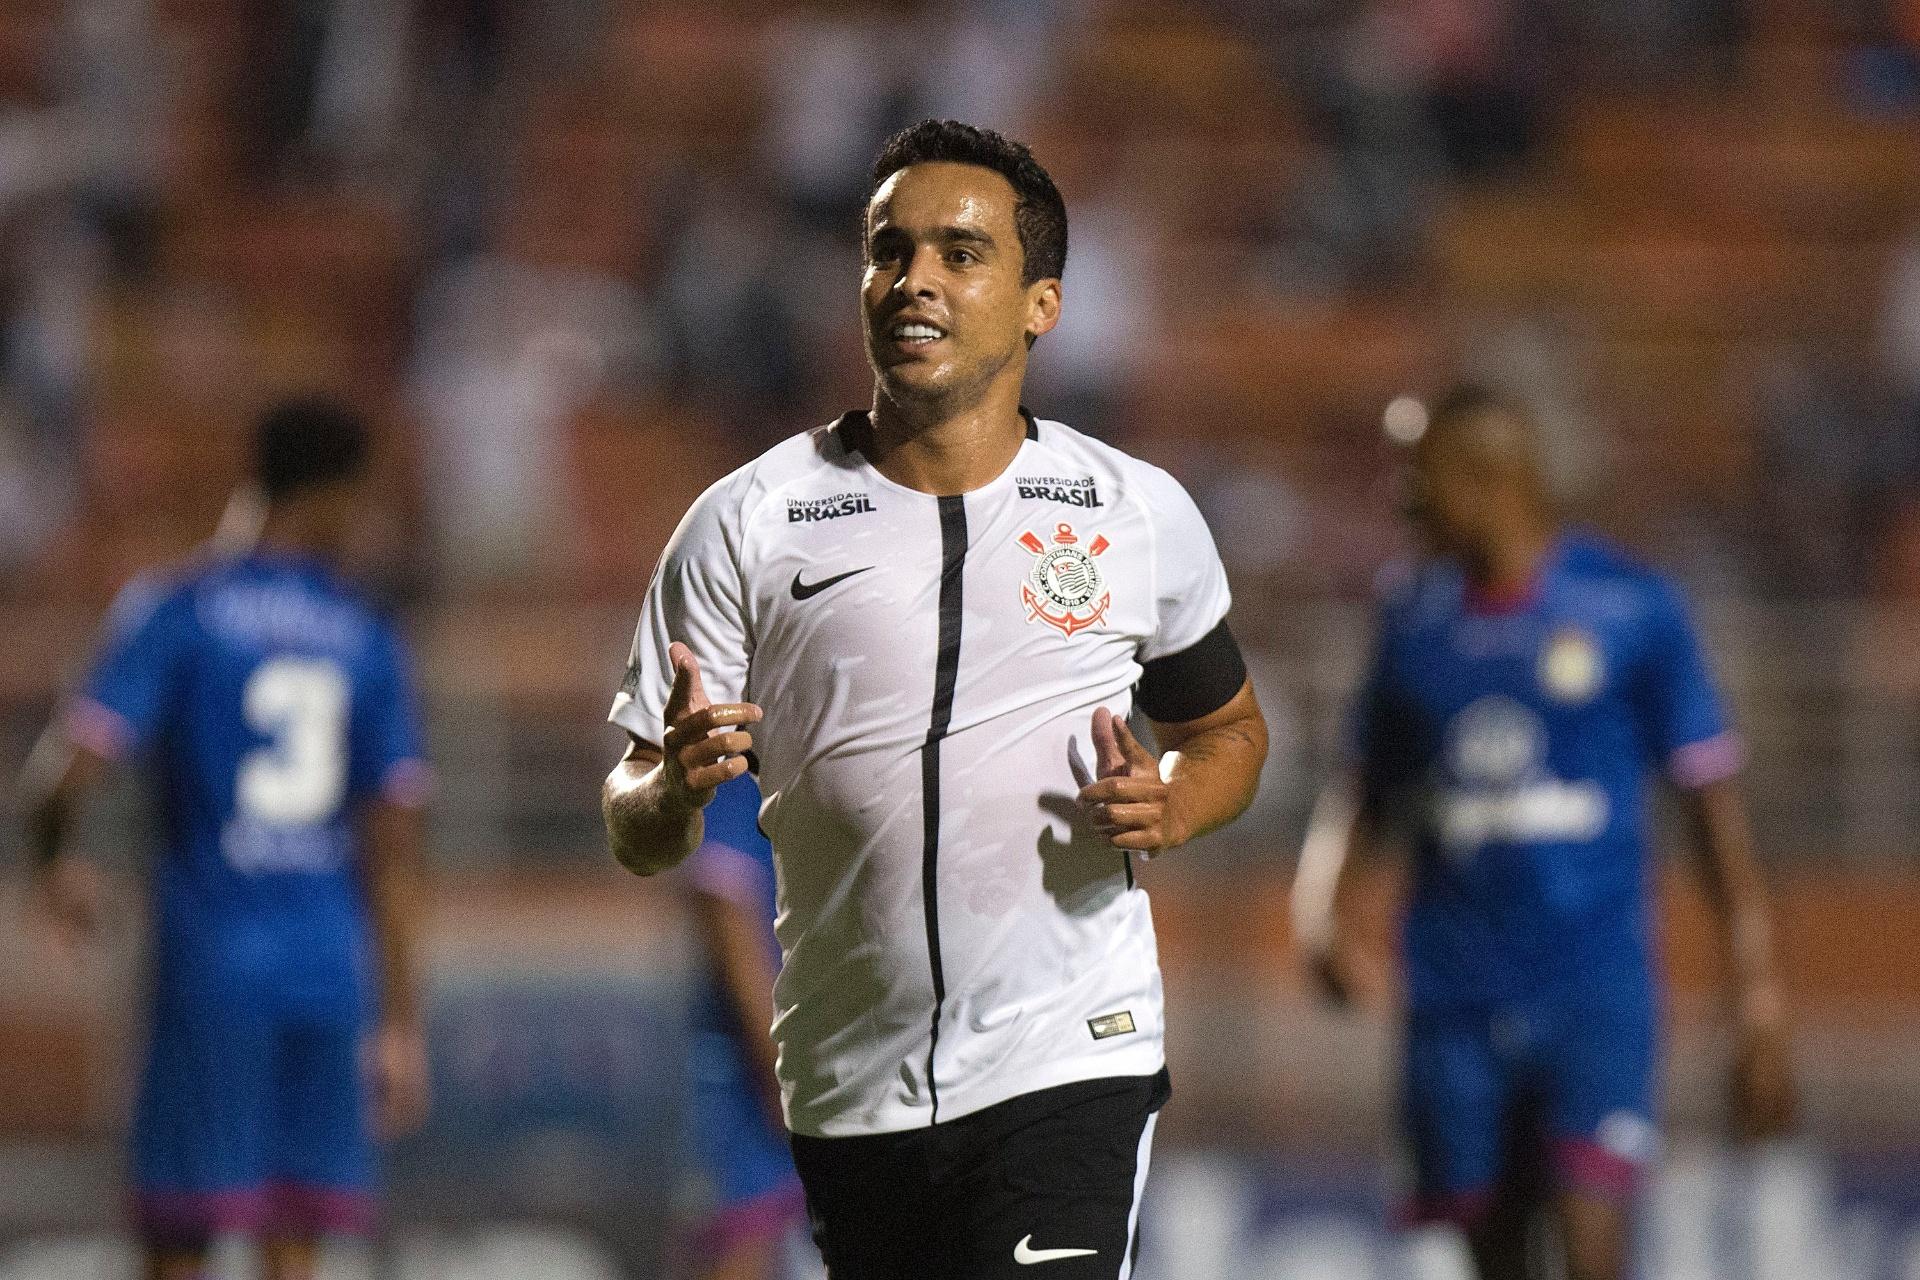 43dc01c47a Corinthians faz 4 a 0 em dia de Jadson e Jr Dutra - 21 01 2018 - UOL Esporte